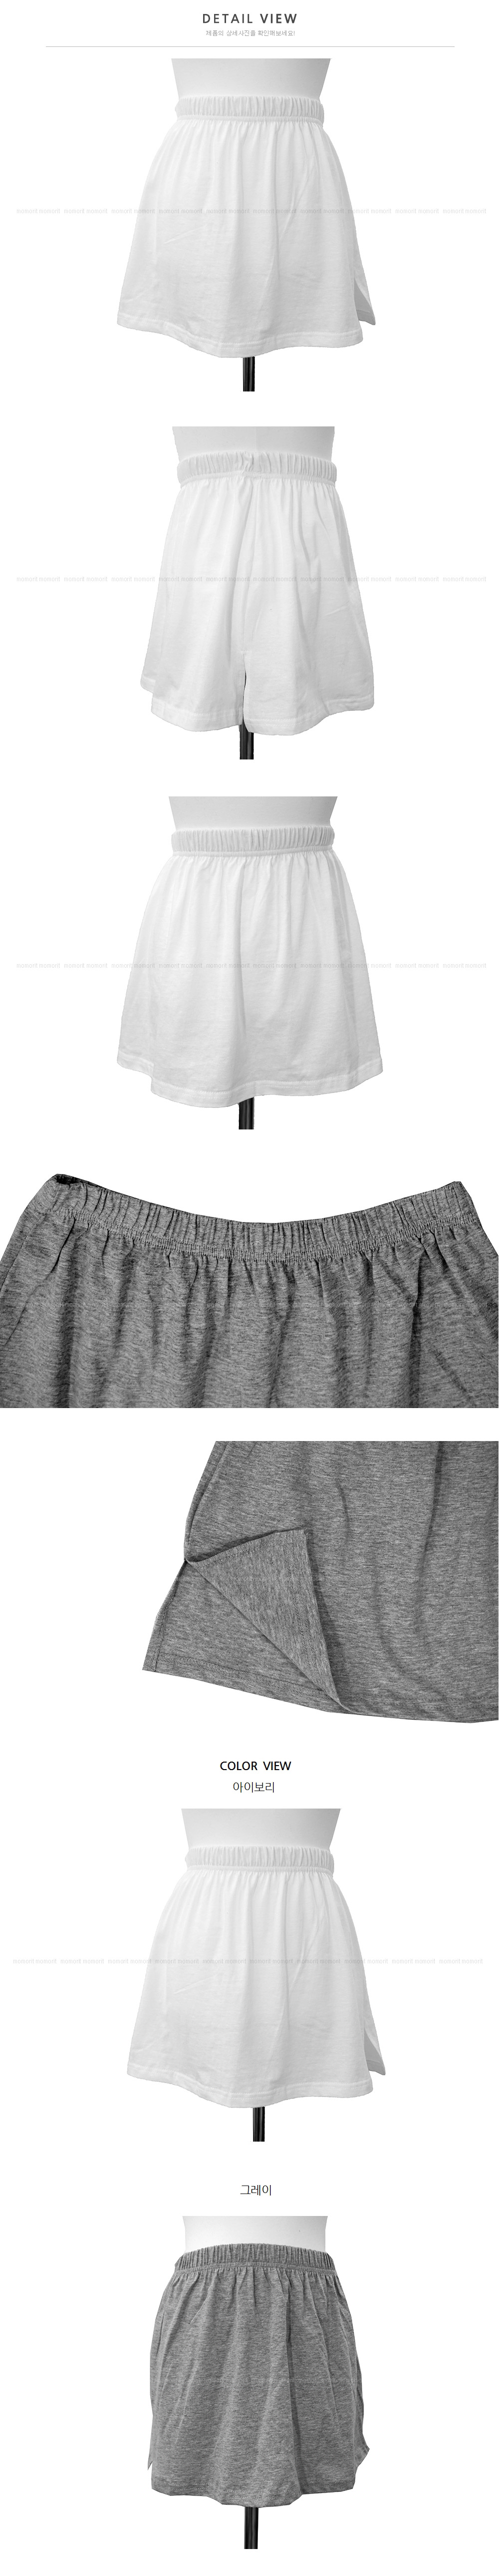 Fake T-Shirts Layered Skirts